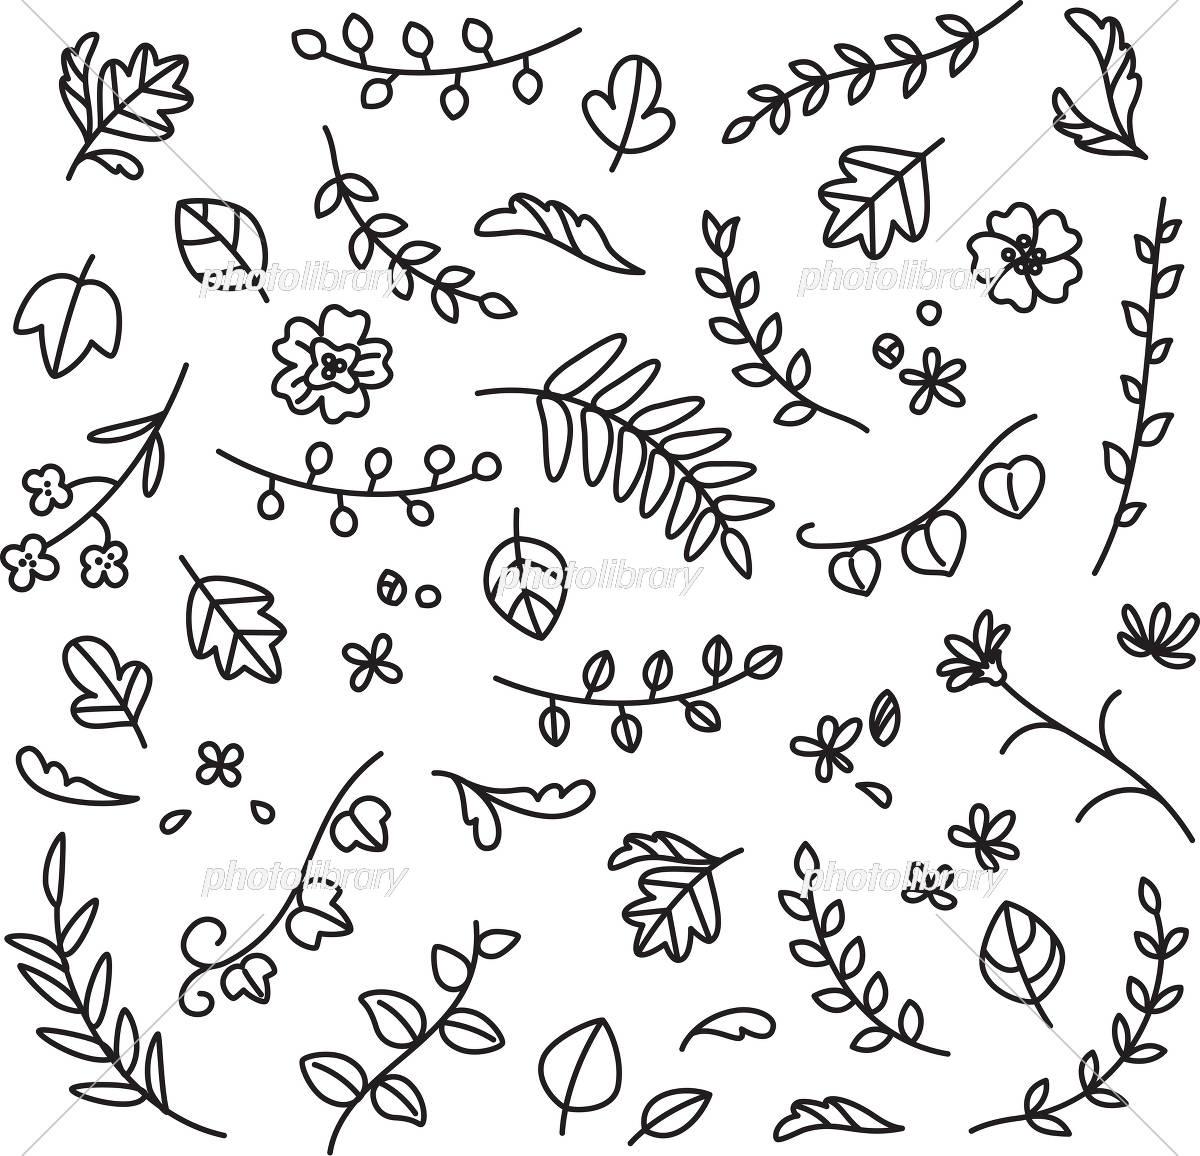 植物 葉 花の手描きイラスト イラスト素材 フォトライブラリー Photolibrary